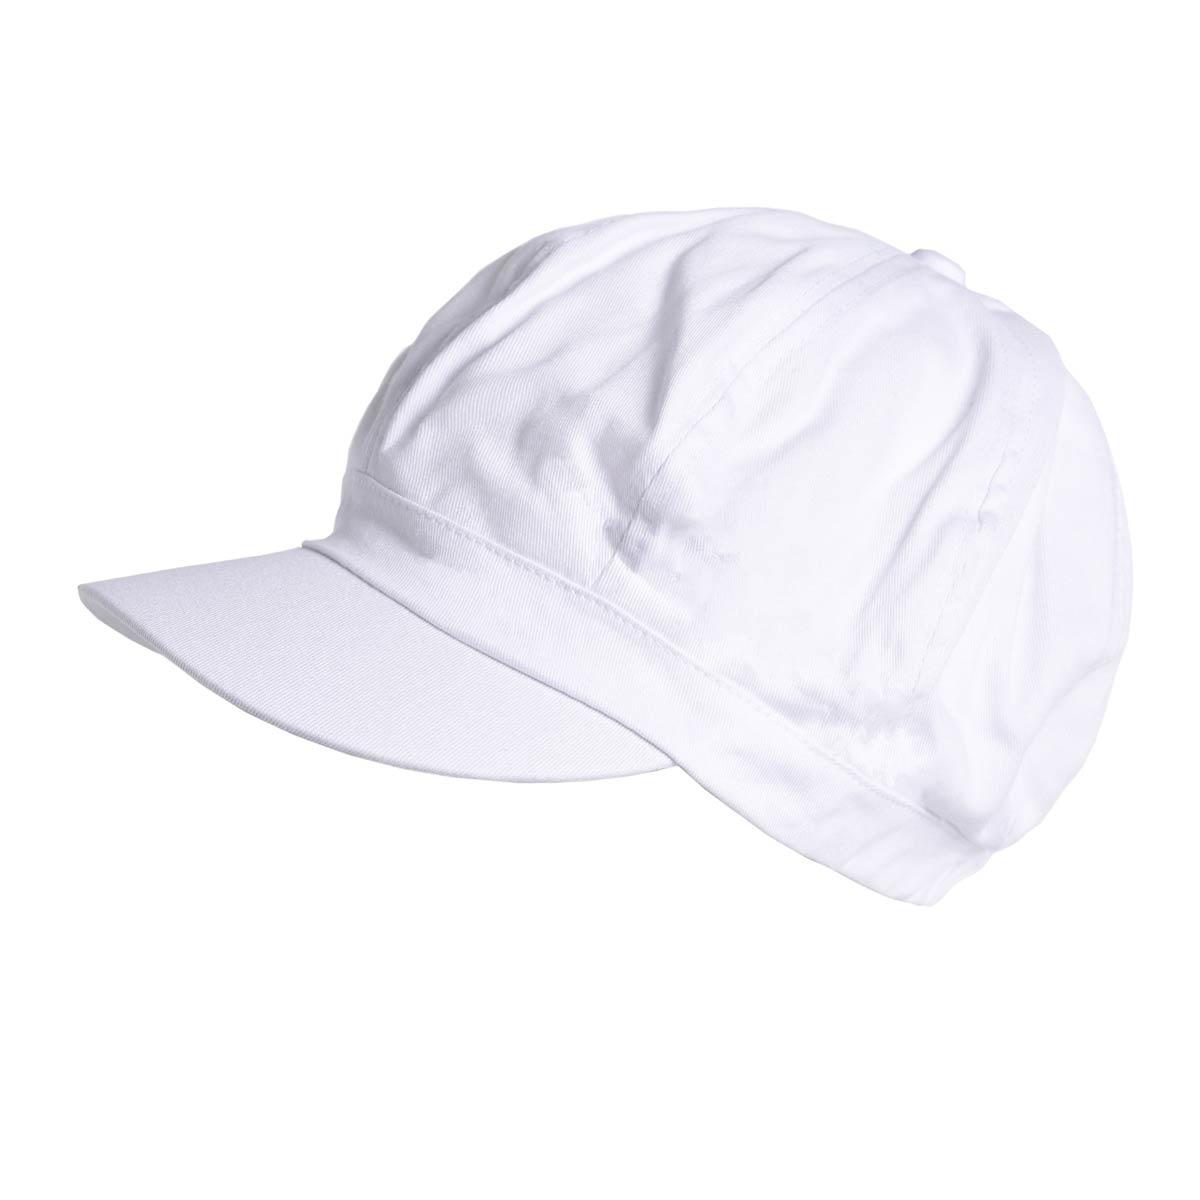 CP-01121_F12-1--_Casquette-femme-coton-blanche